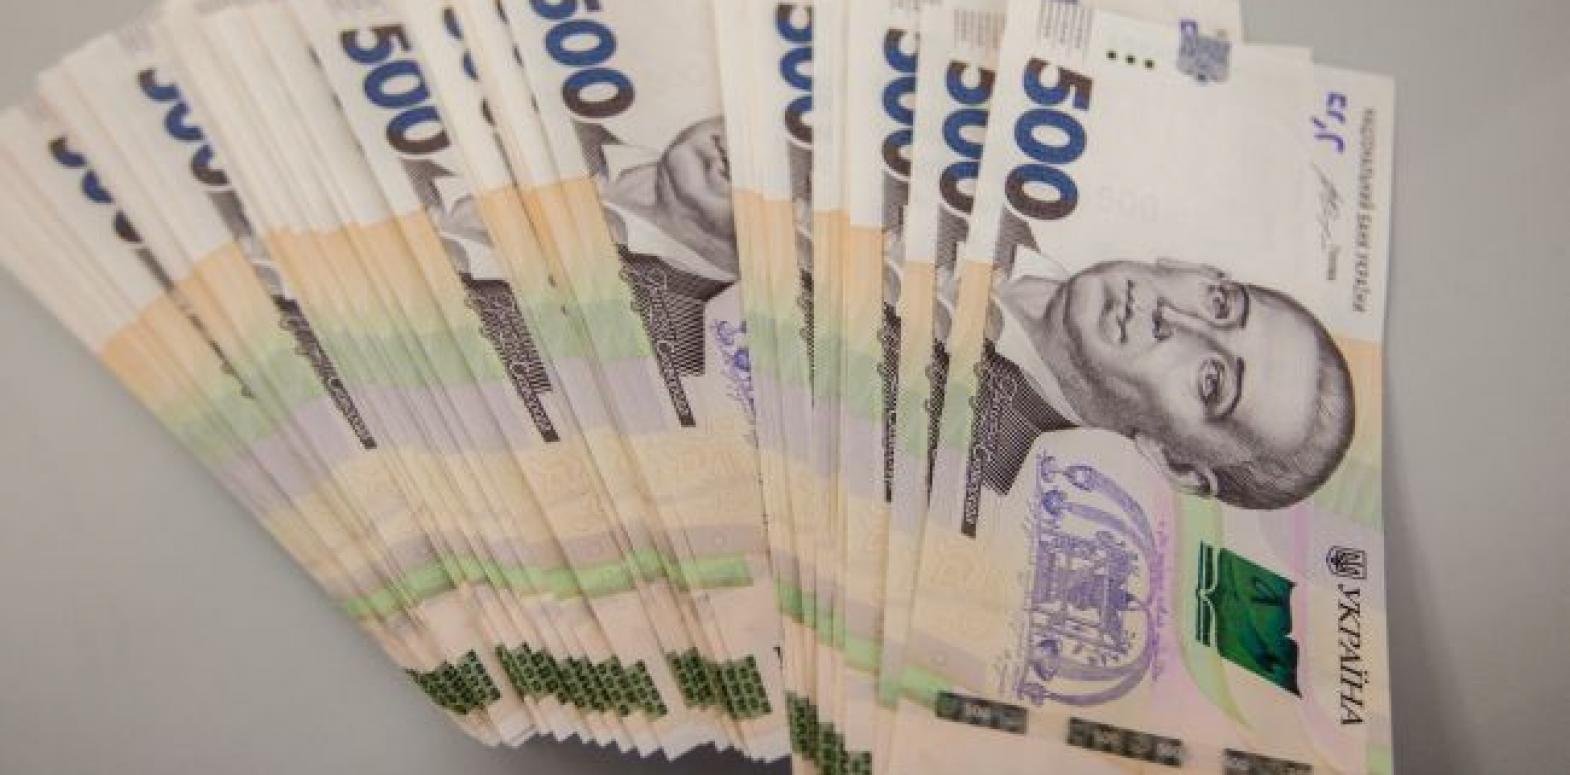 НБУ предупредил о партии фальшивых купюр